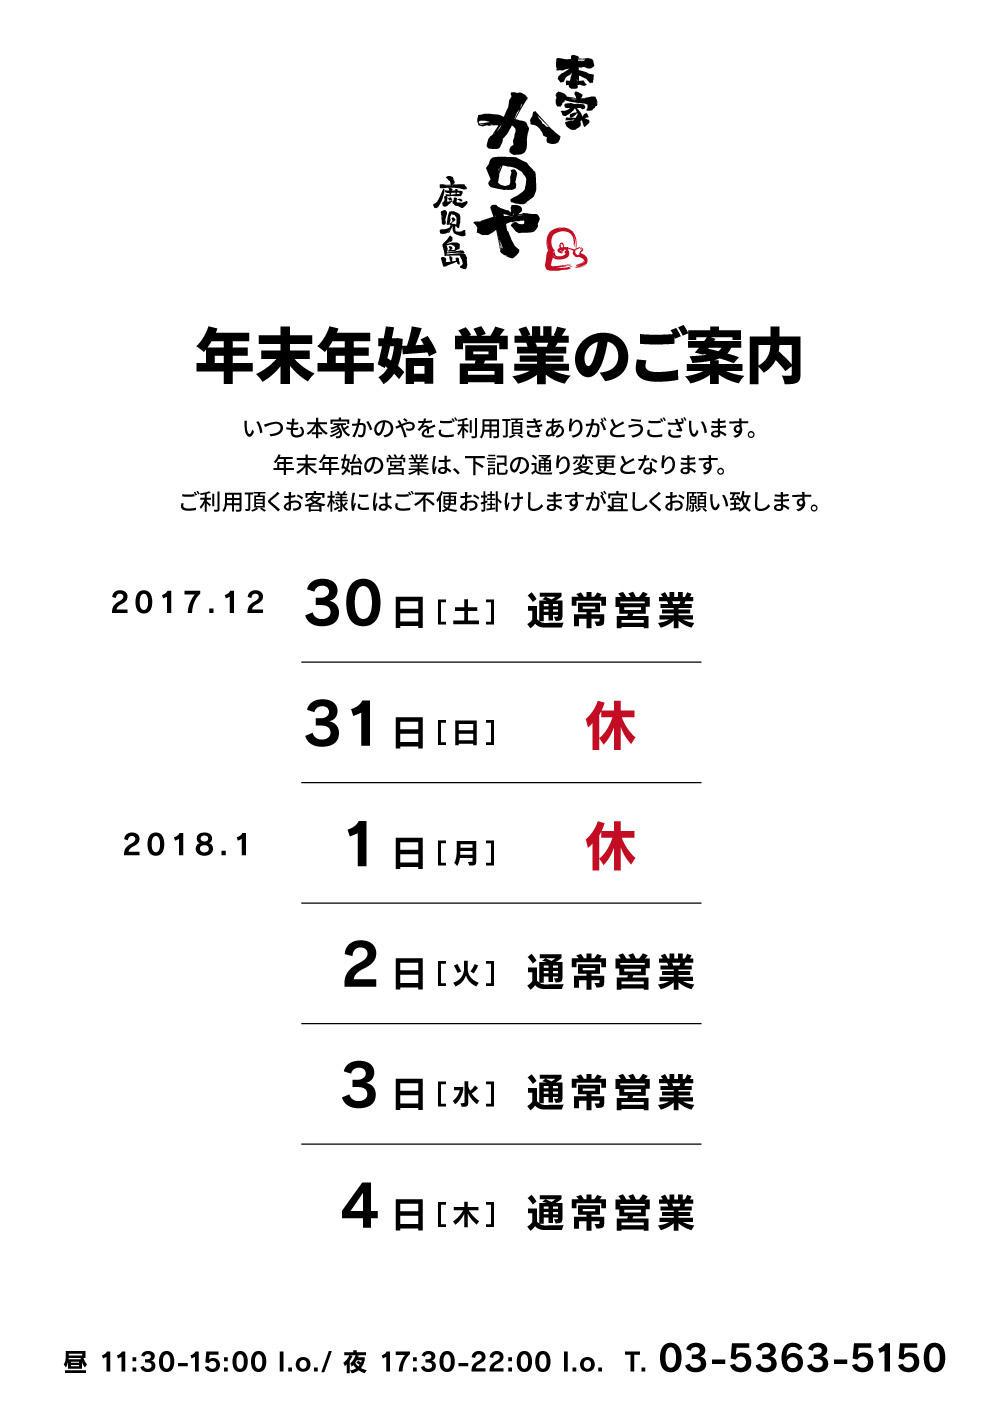 kanoya_1712_info.jpg